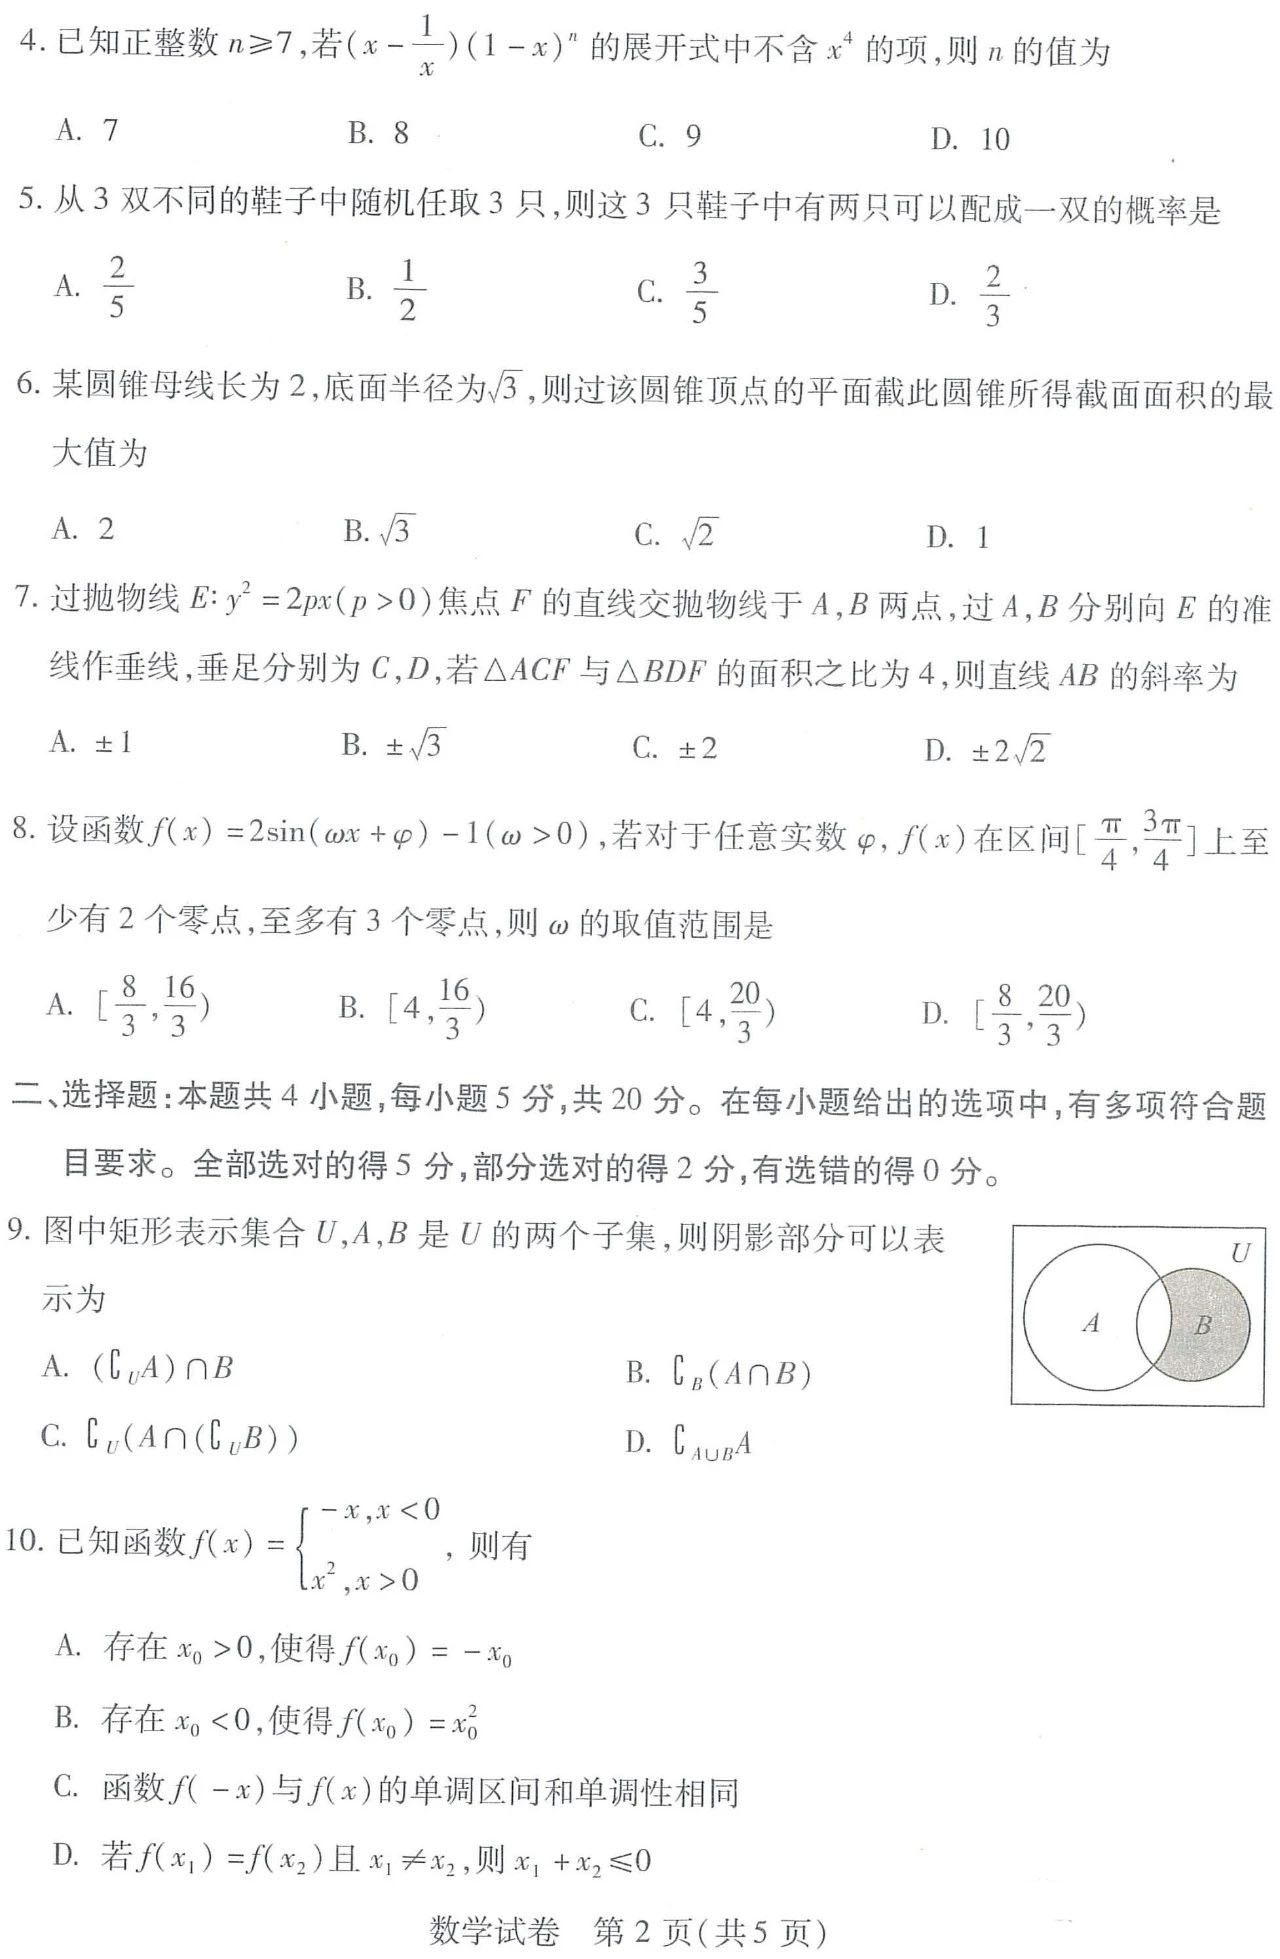 湖北省武汉市2020-2021学年高三下学期3月质量检测数学试卷及答案图2